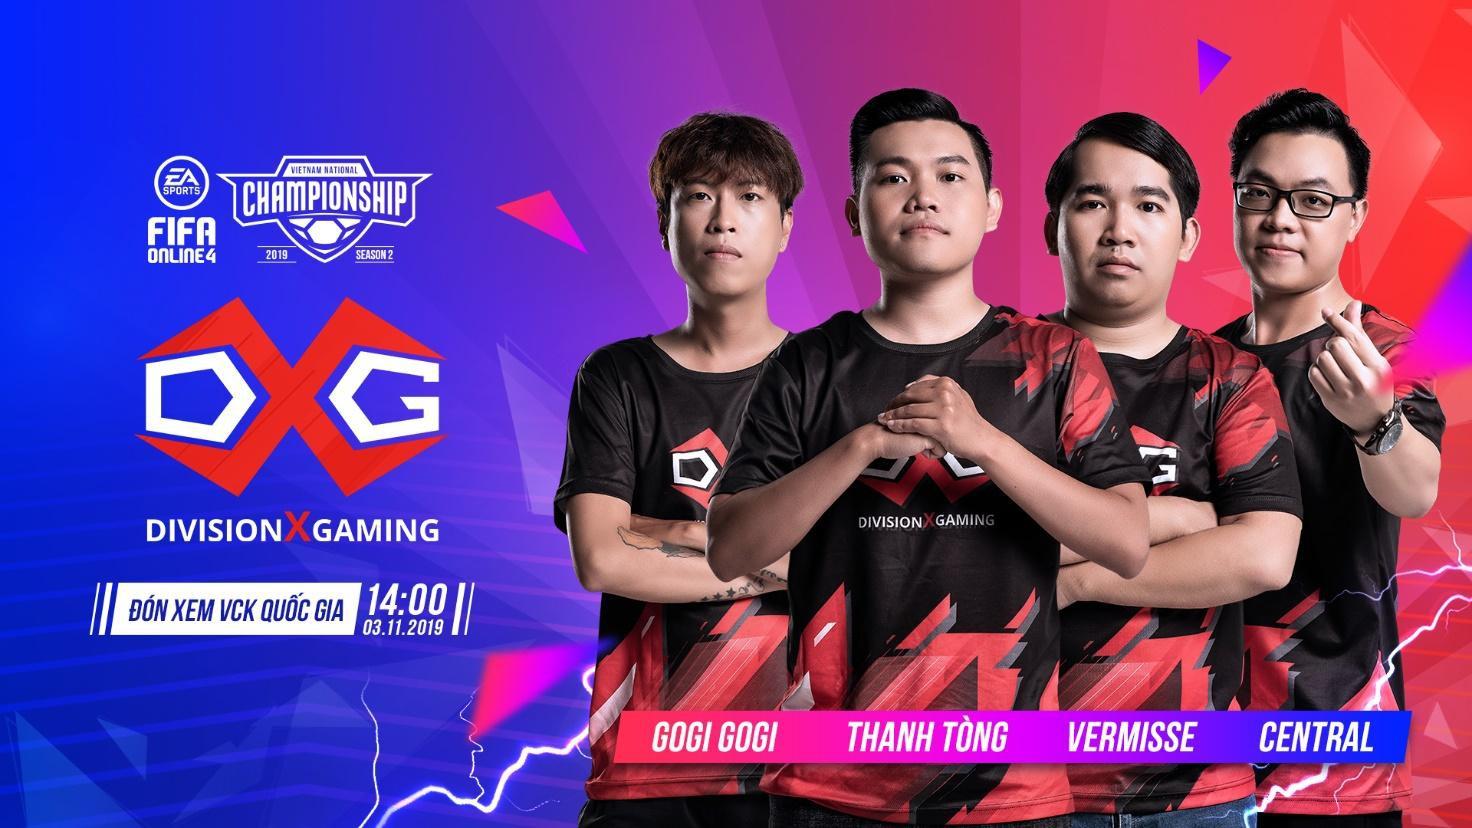 Mãn nhãn với trailer chính thức của FIFA Online 4 Việt Nam, ra mắt 4 đội tuyển mạnh nhất VCK Quốc gia FVNC 2019 mùa 2 - Ảnh 4.